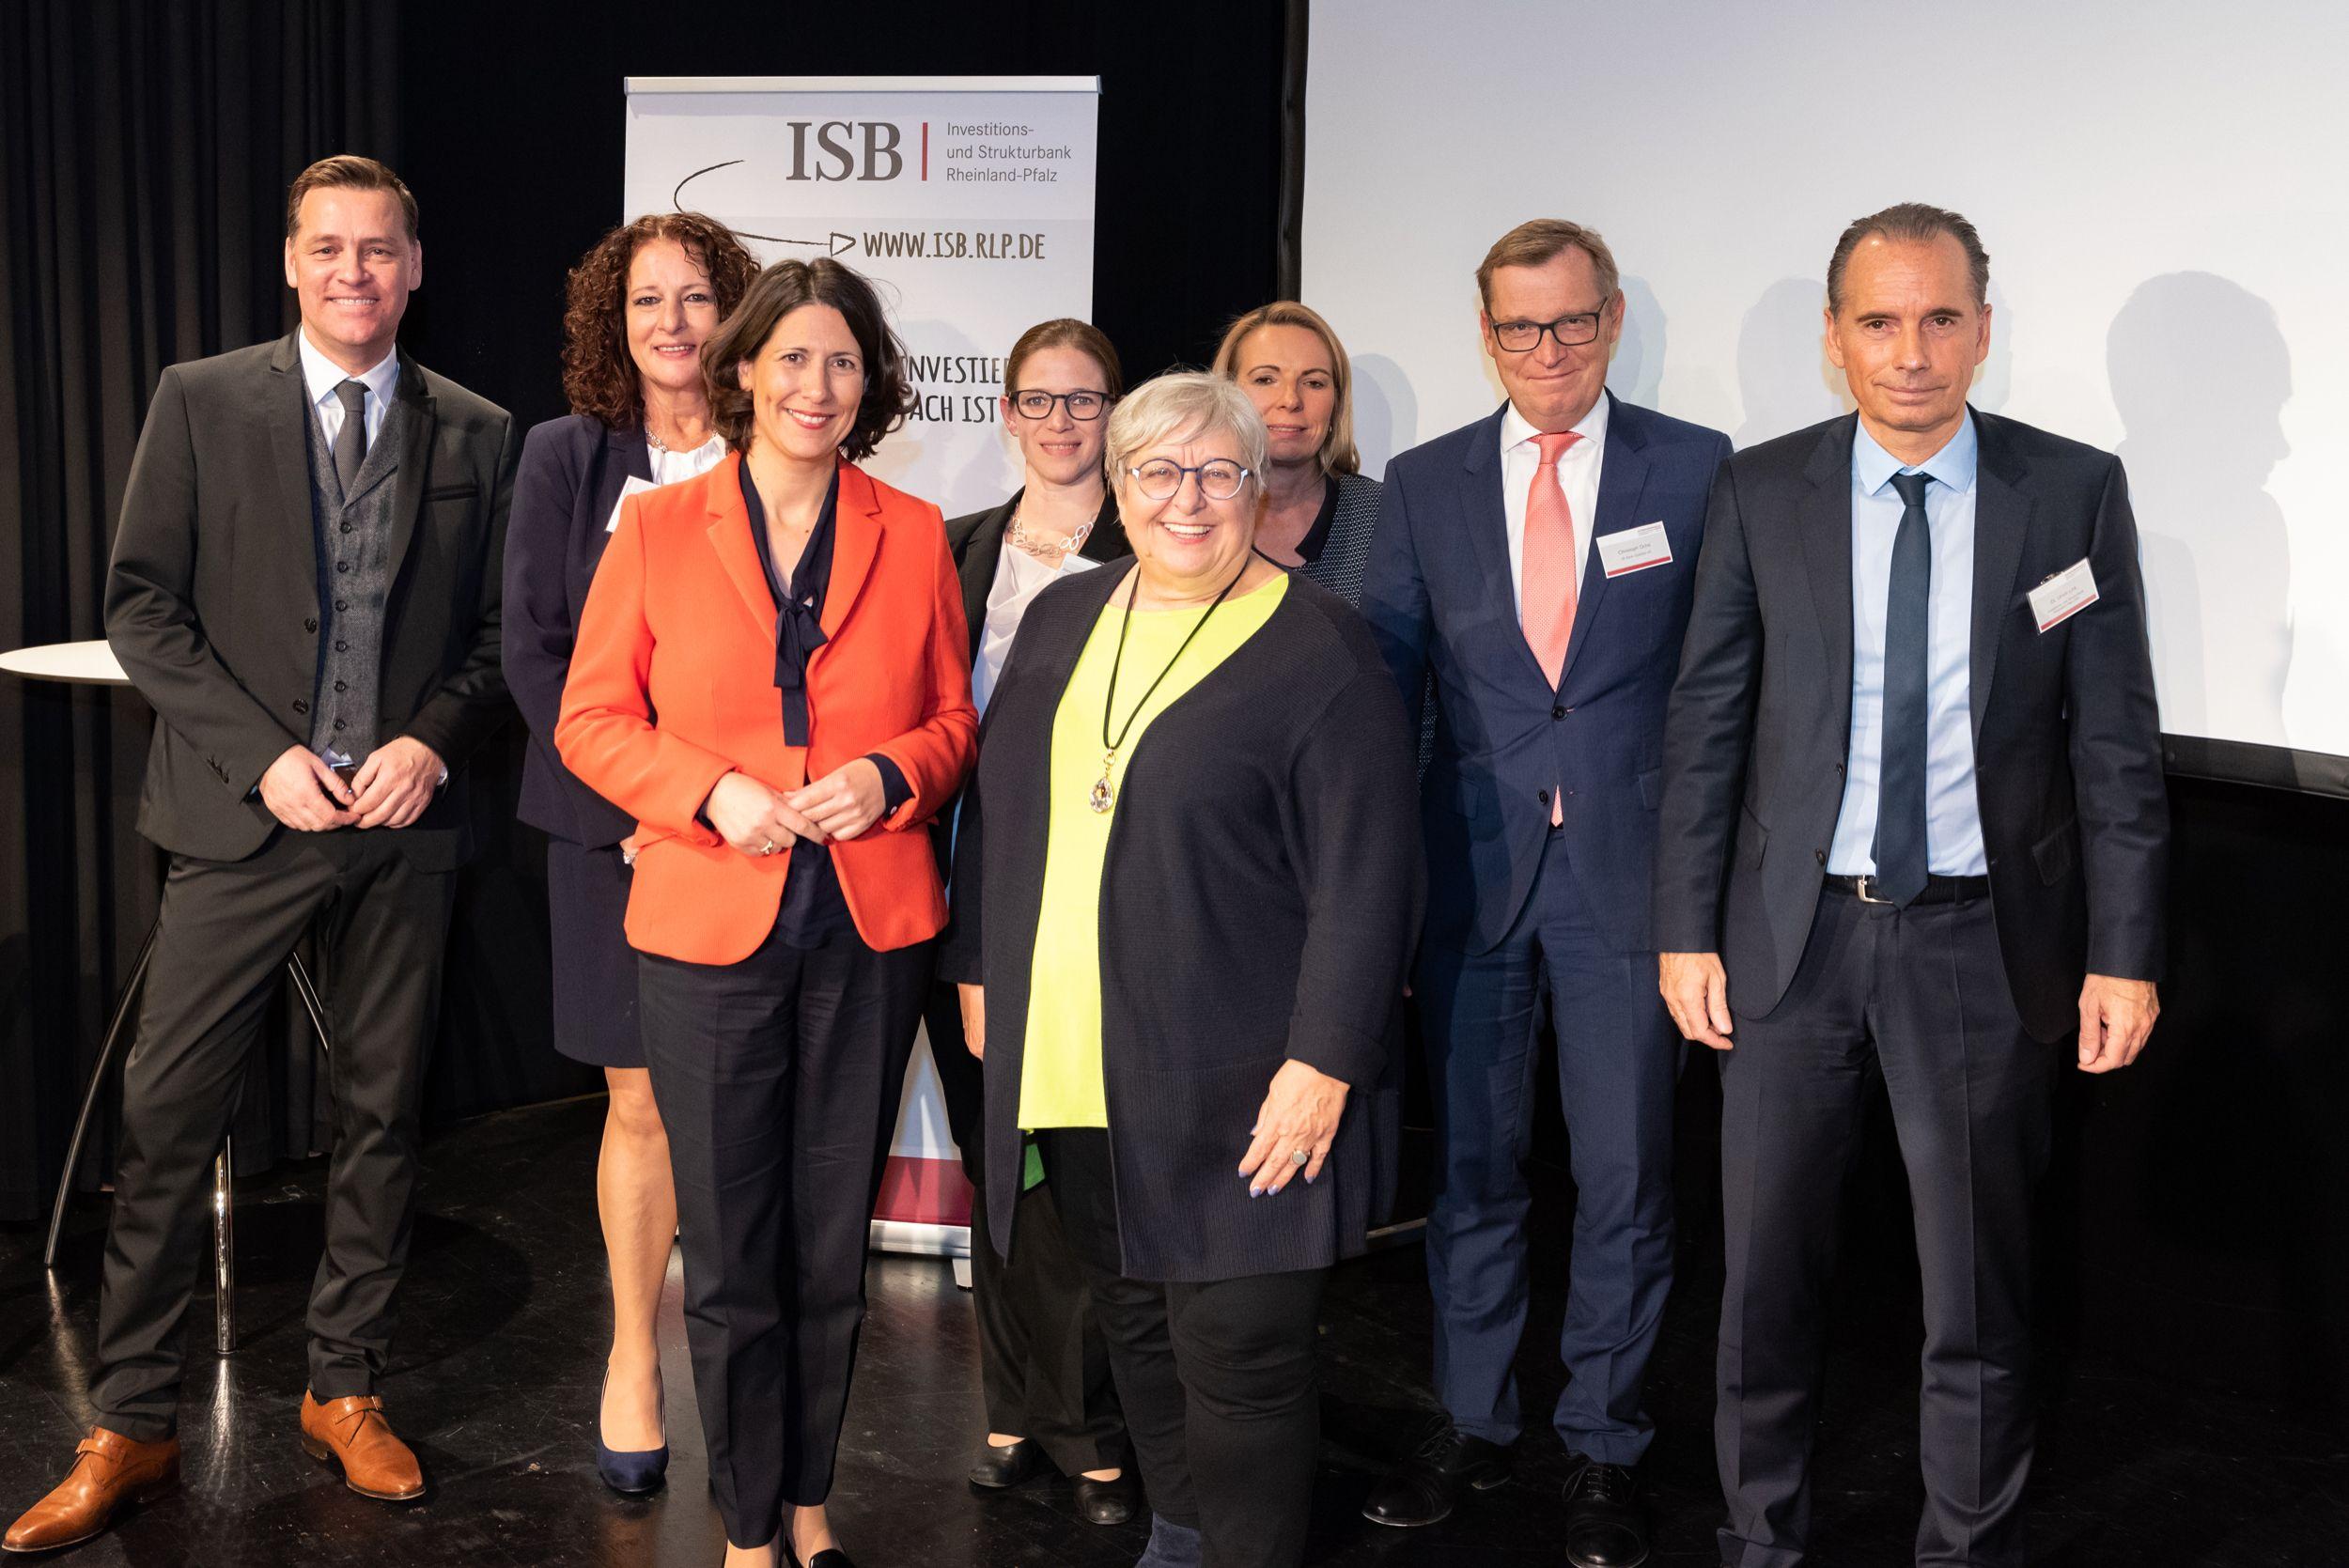 Unternehmerinnentag 2018 Der Vr Bank Sudpfalz In Landau Erfolg Durch Kompetenz Personlichkeit Genossenschaftsverband Verband Der Regionen E V